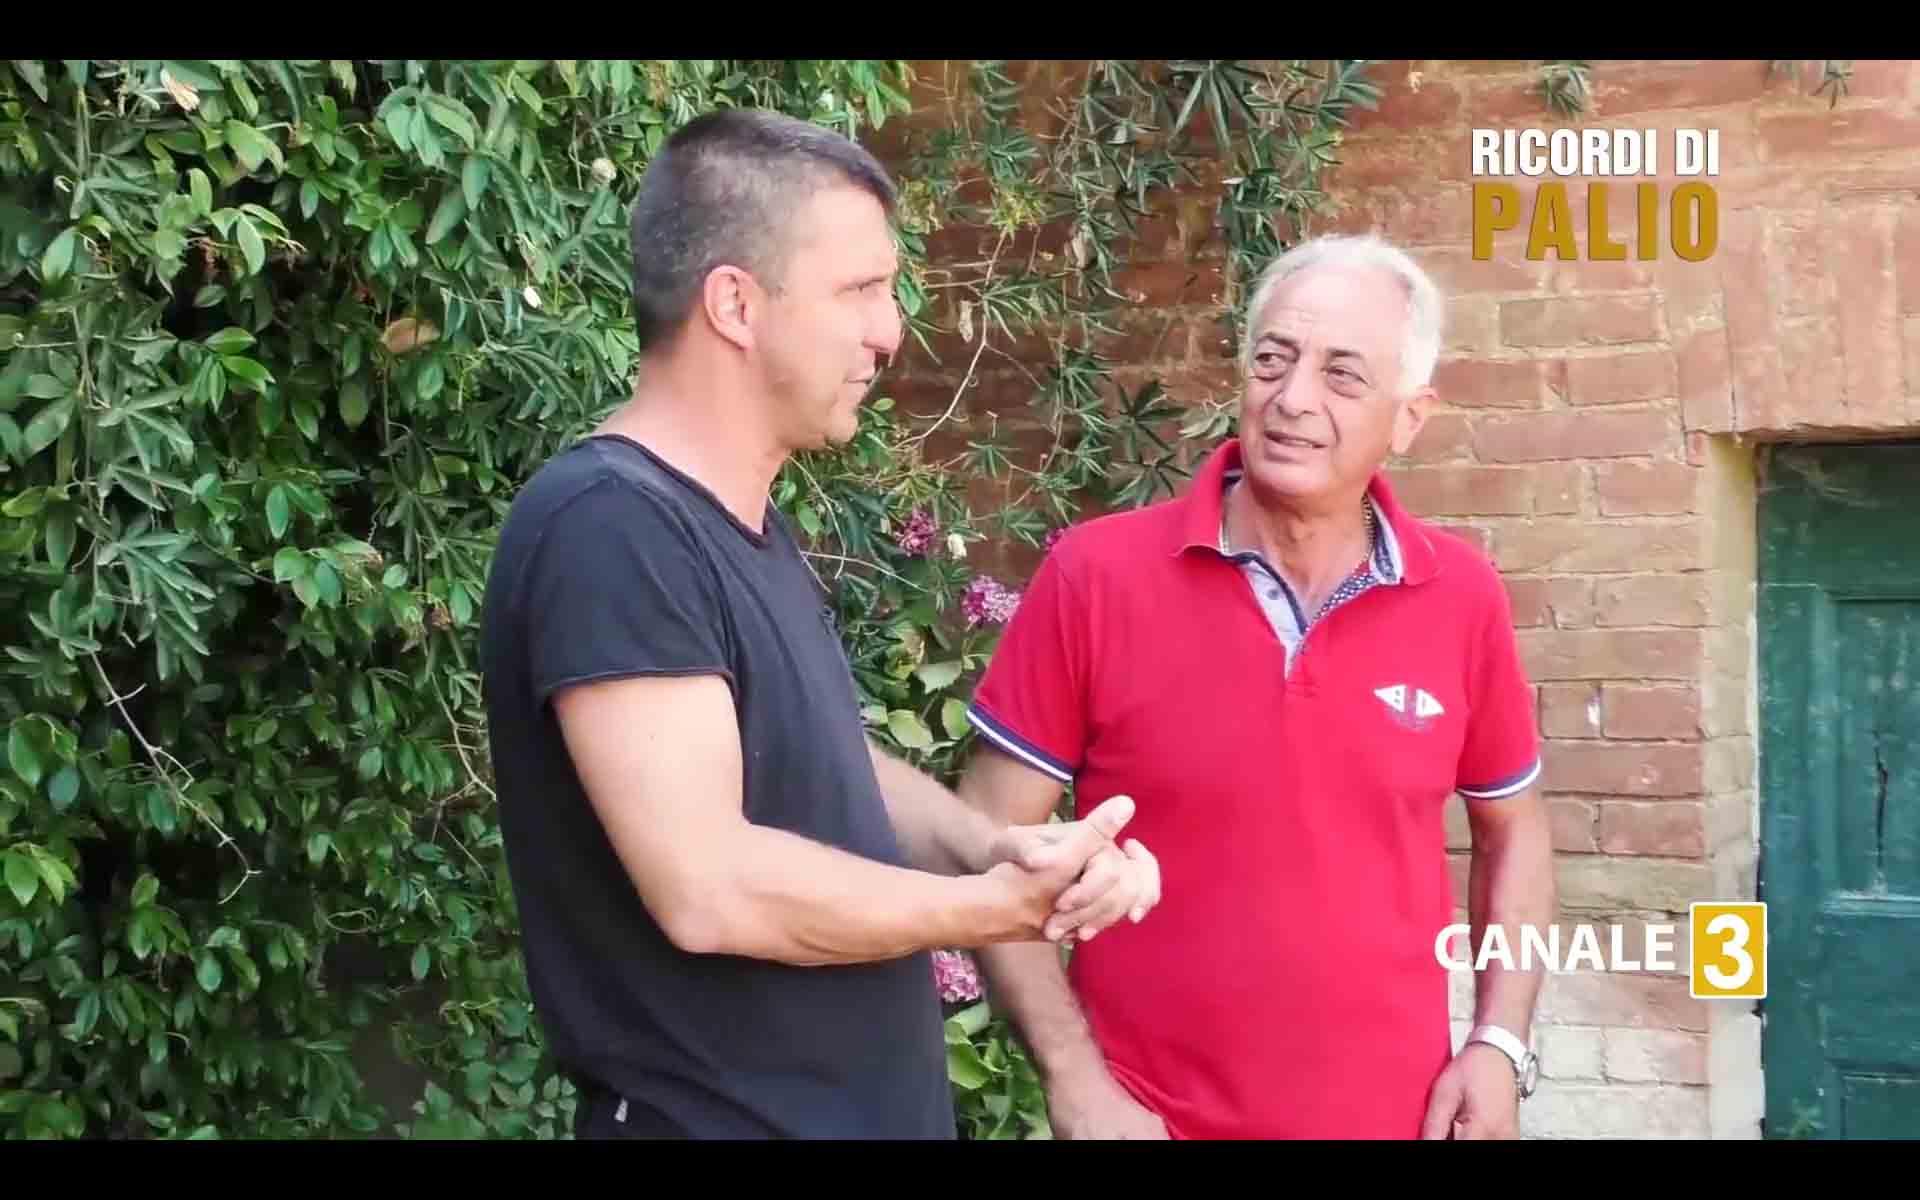 Michele Fiorni ed Enrico Corbelli durante le riprese di Ricordi di Palio